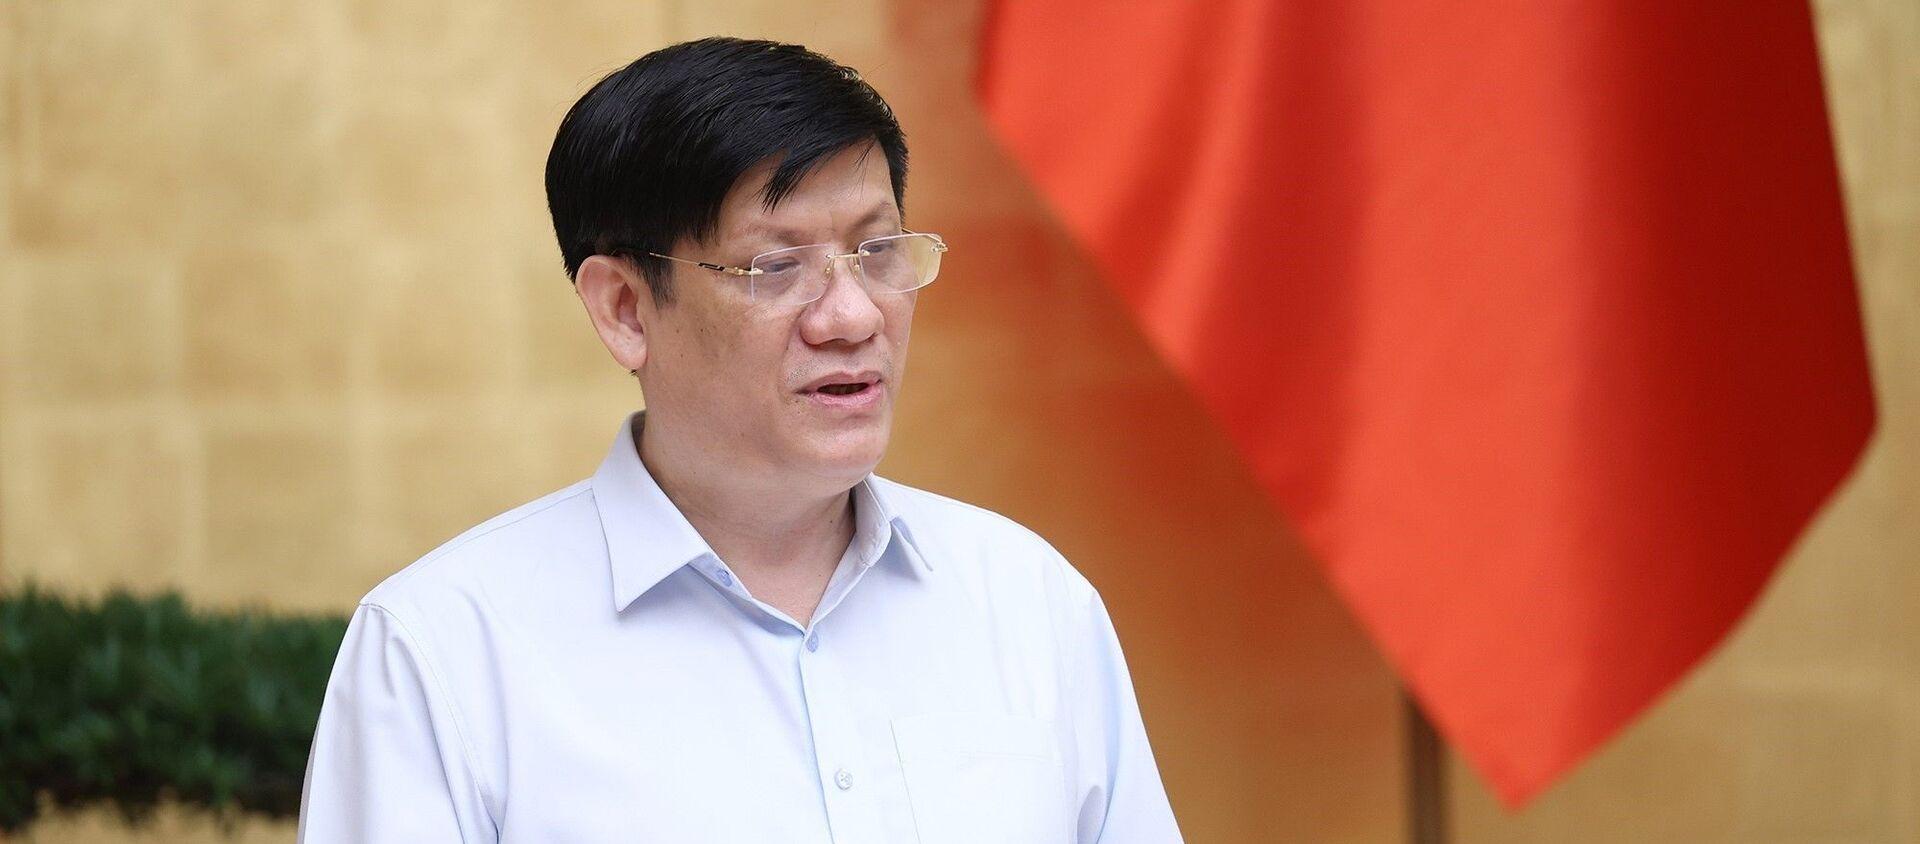 Bộ trưởng Bộ Y tế Nguyễn Thanh Long báo cáo tình hình, diễn biến dịch COVID-19 tại Thành phố Hồ Chí Minh. - Sputnik Việt Nam, 1920, 27.08.2021